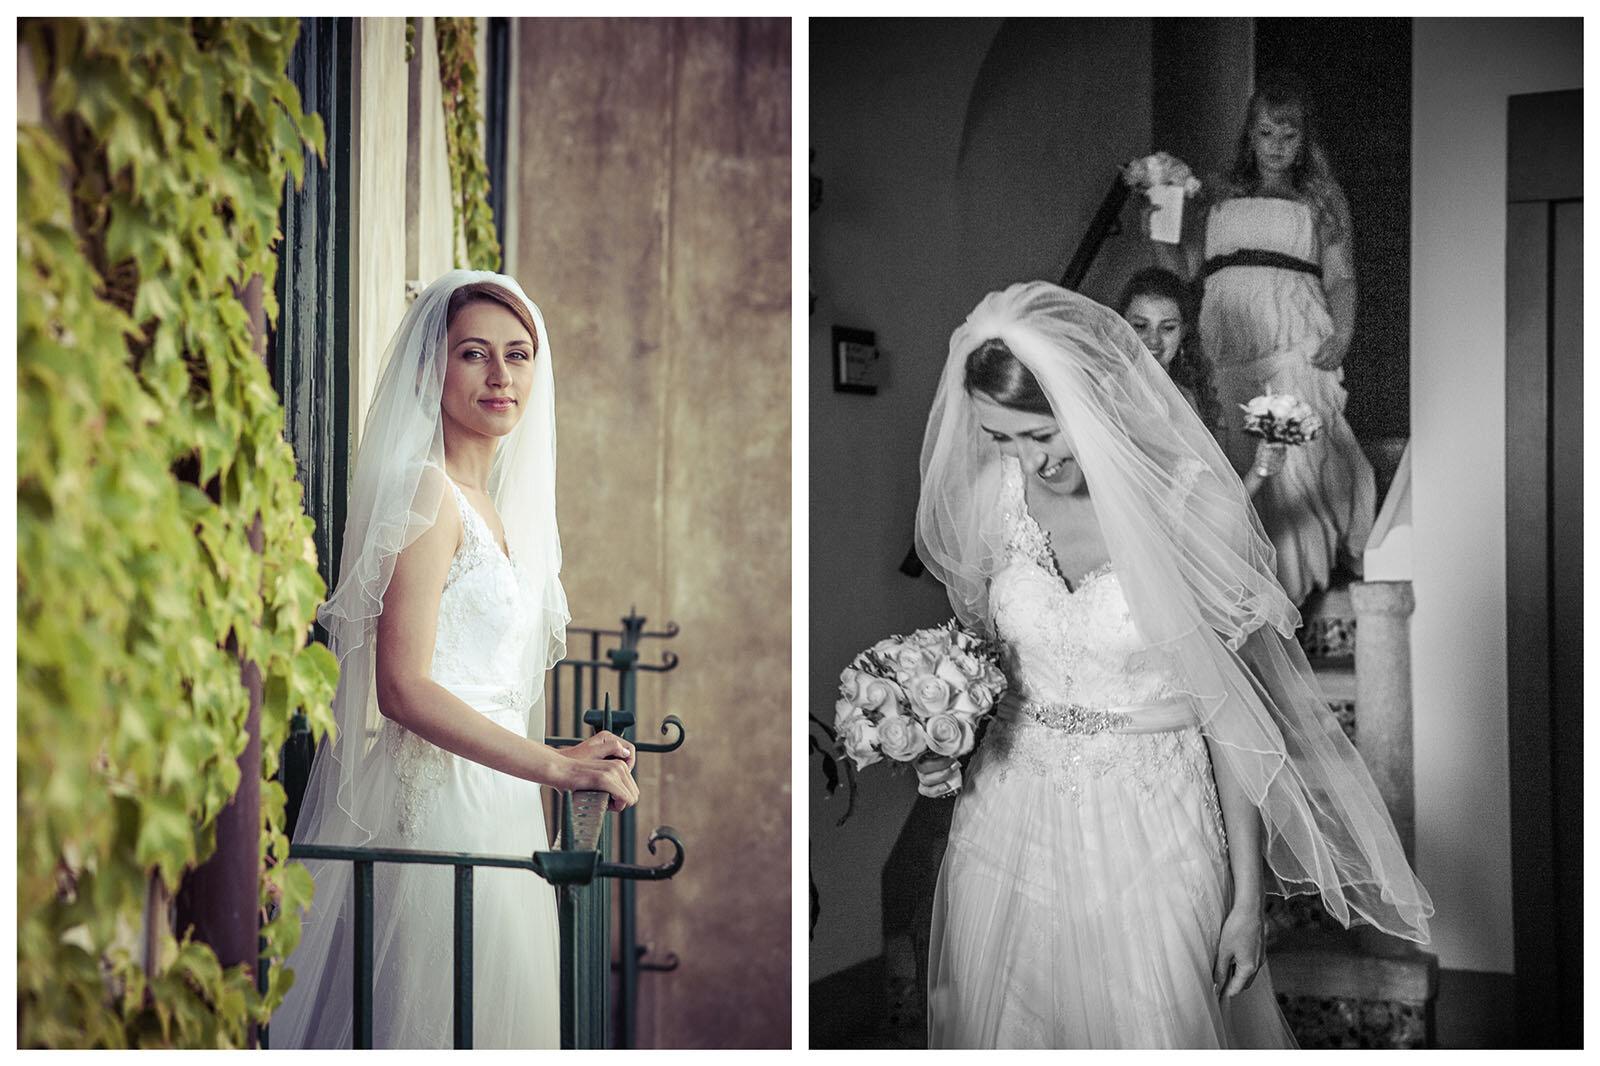 Russian Wedding in Villa Cimbrone Costiera Amalfitana compo5.jpg